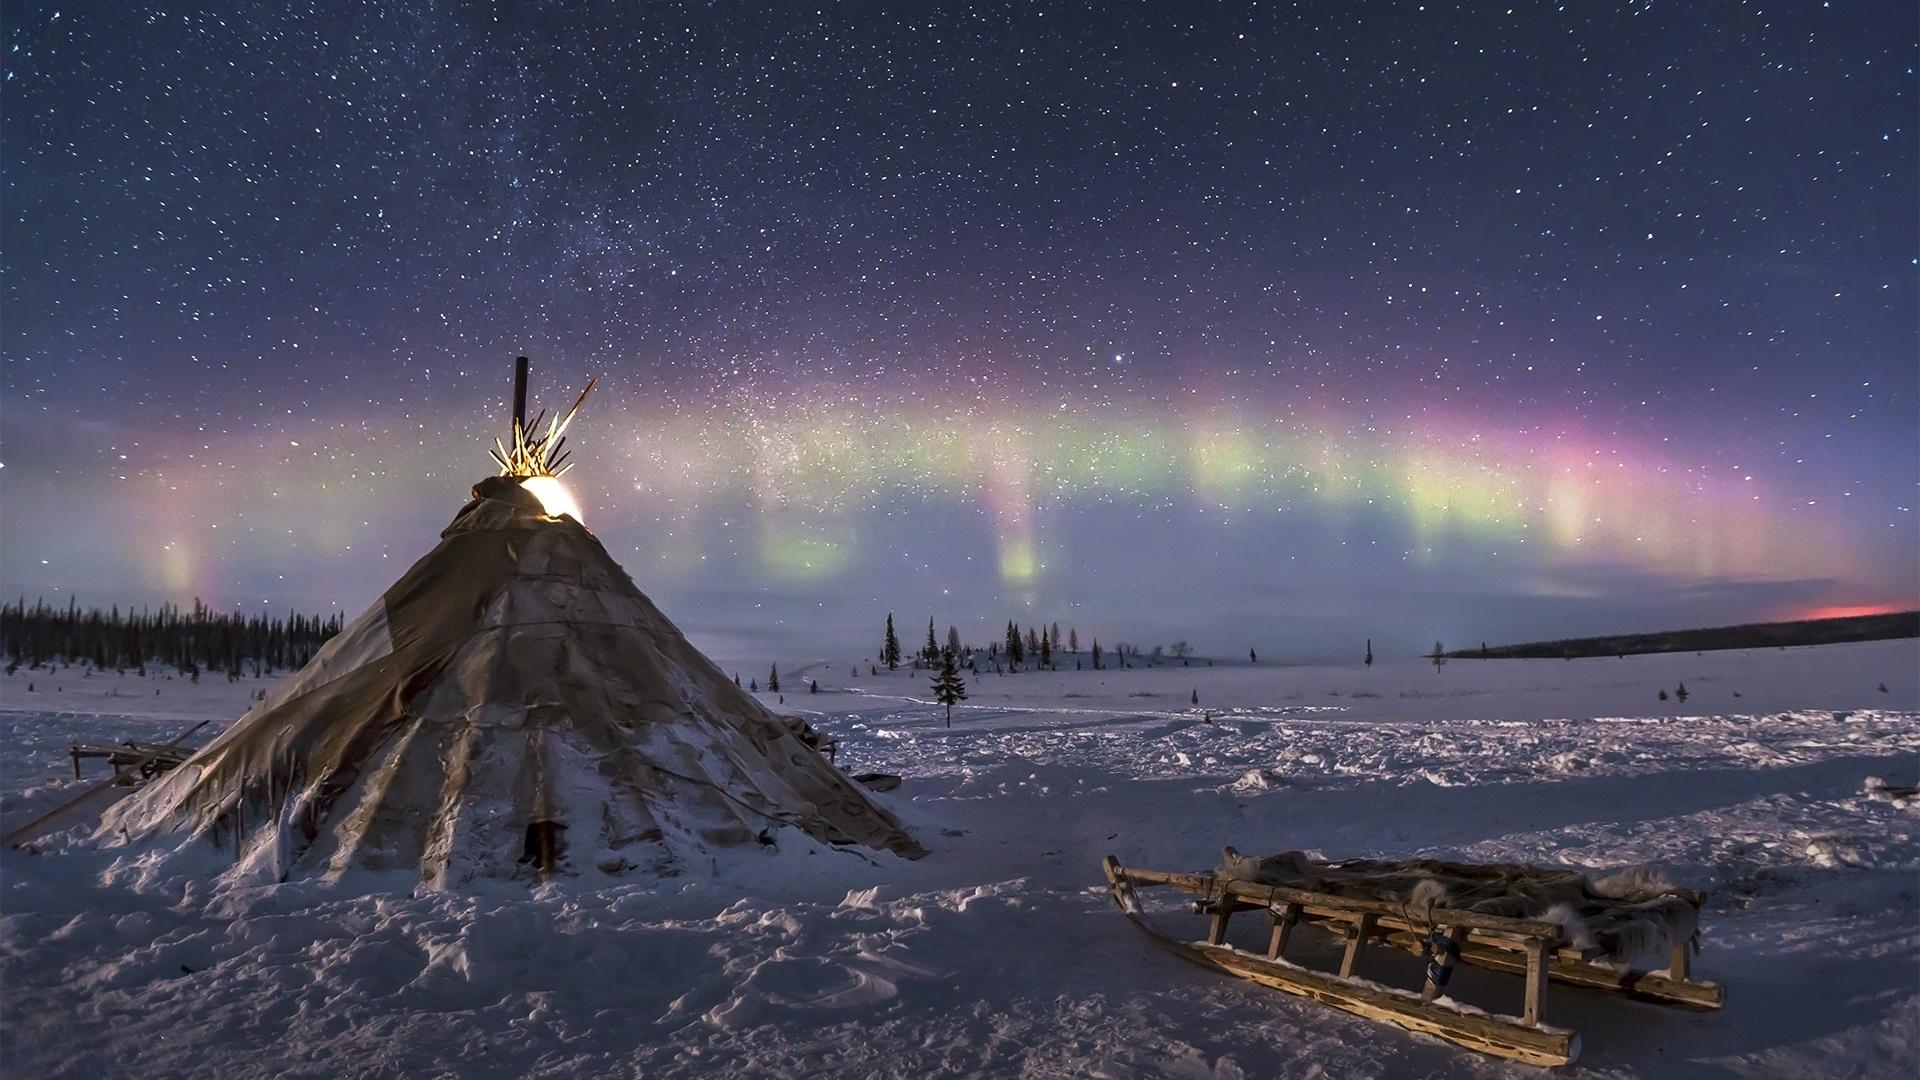 небо крайнего севера фото ночью предоставляем весь